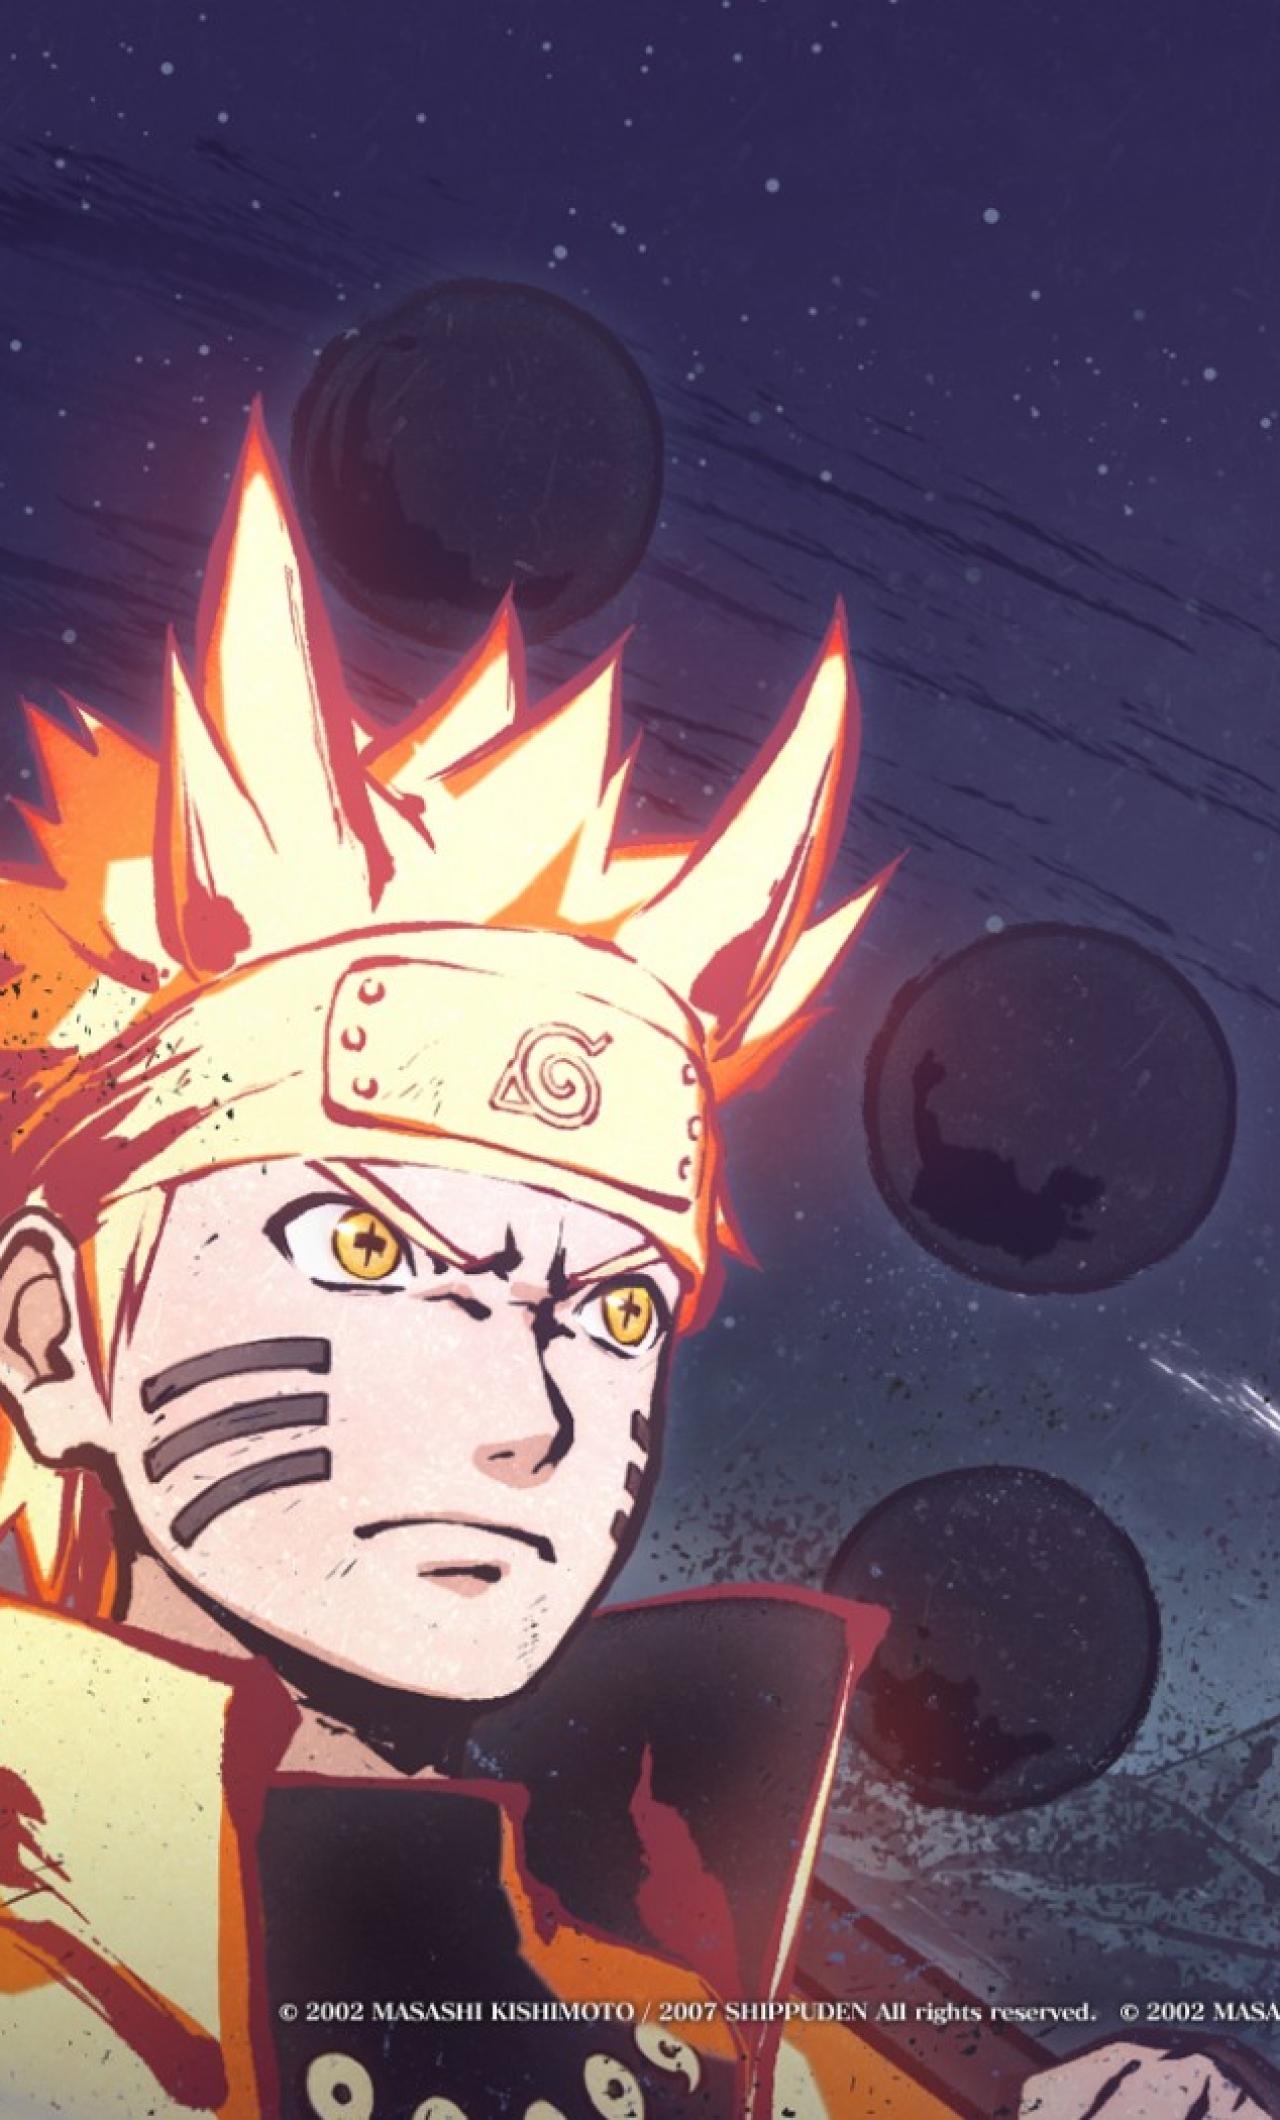 Naruto Storm 4 Ultimate Ninja Sasuke Uchiha Full HD Wallpaper